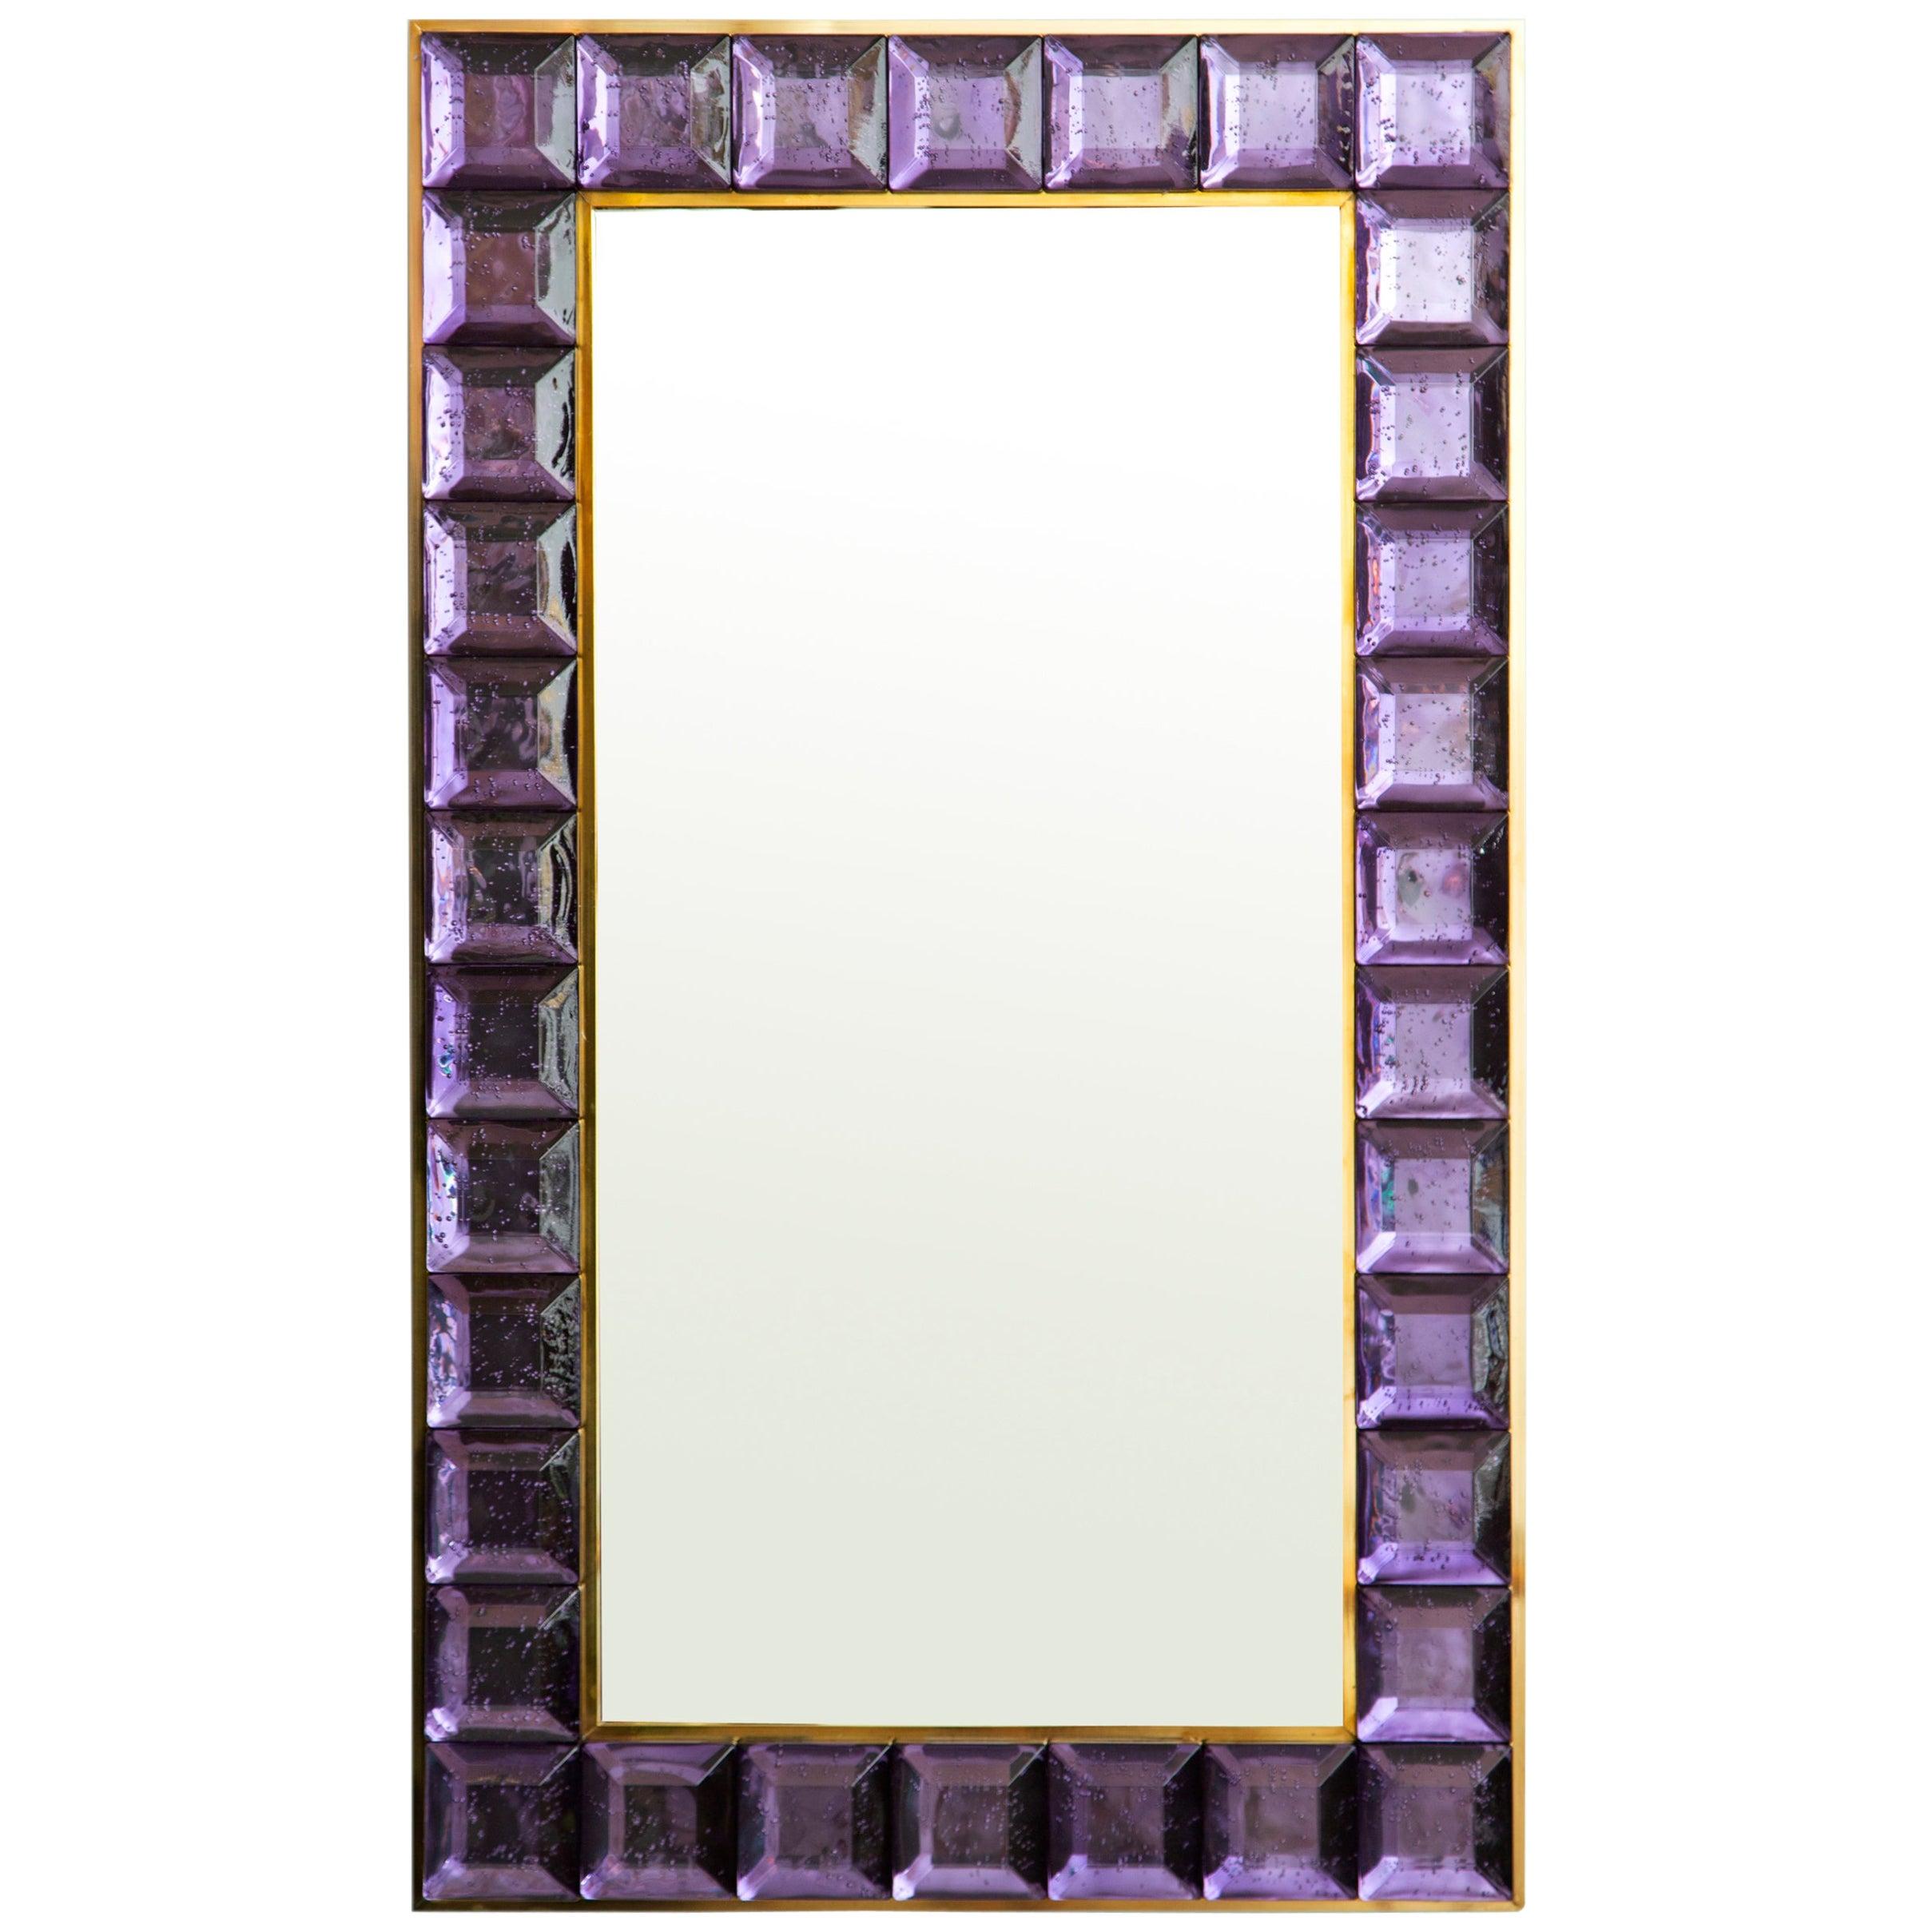 Contemporary Amethyst Diamond Murano Glass Mirror, in Stock